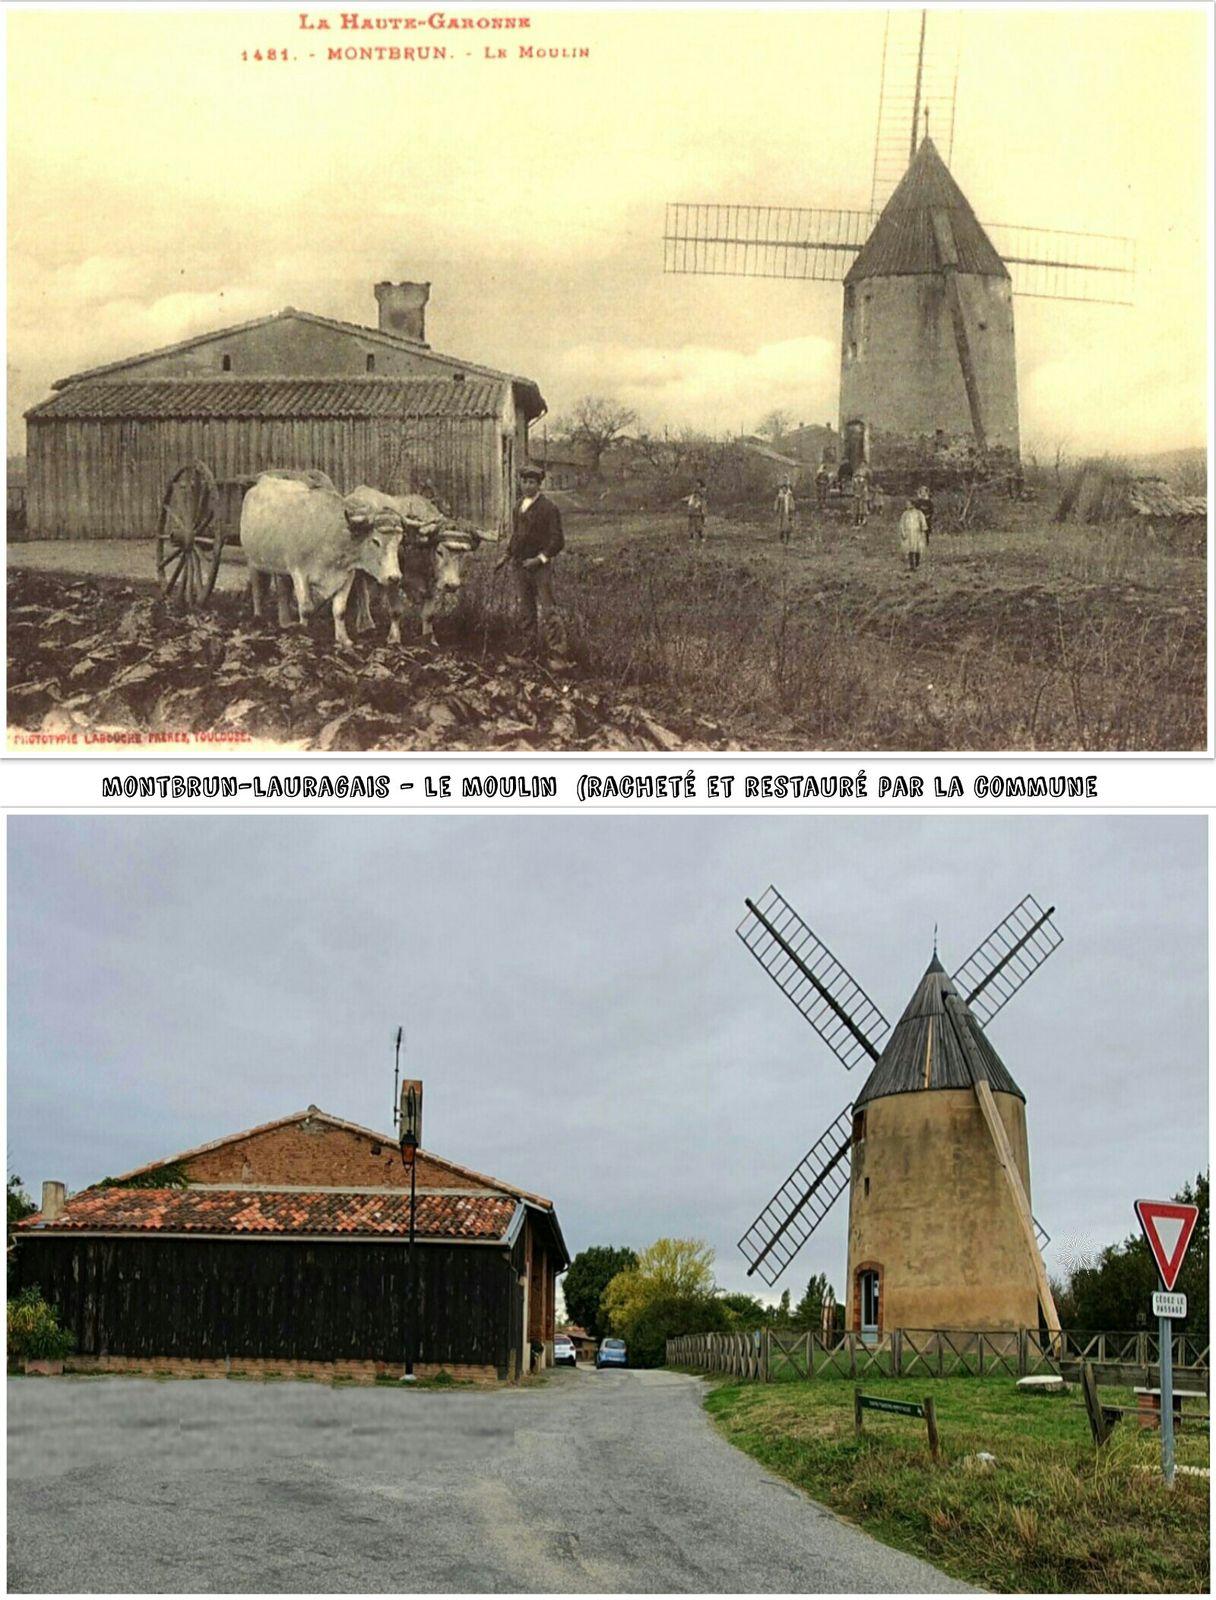 Moulins d'antan/aujourd'hui, Lauragais, Hte Garonne.